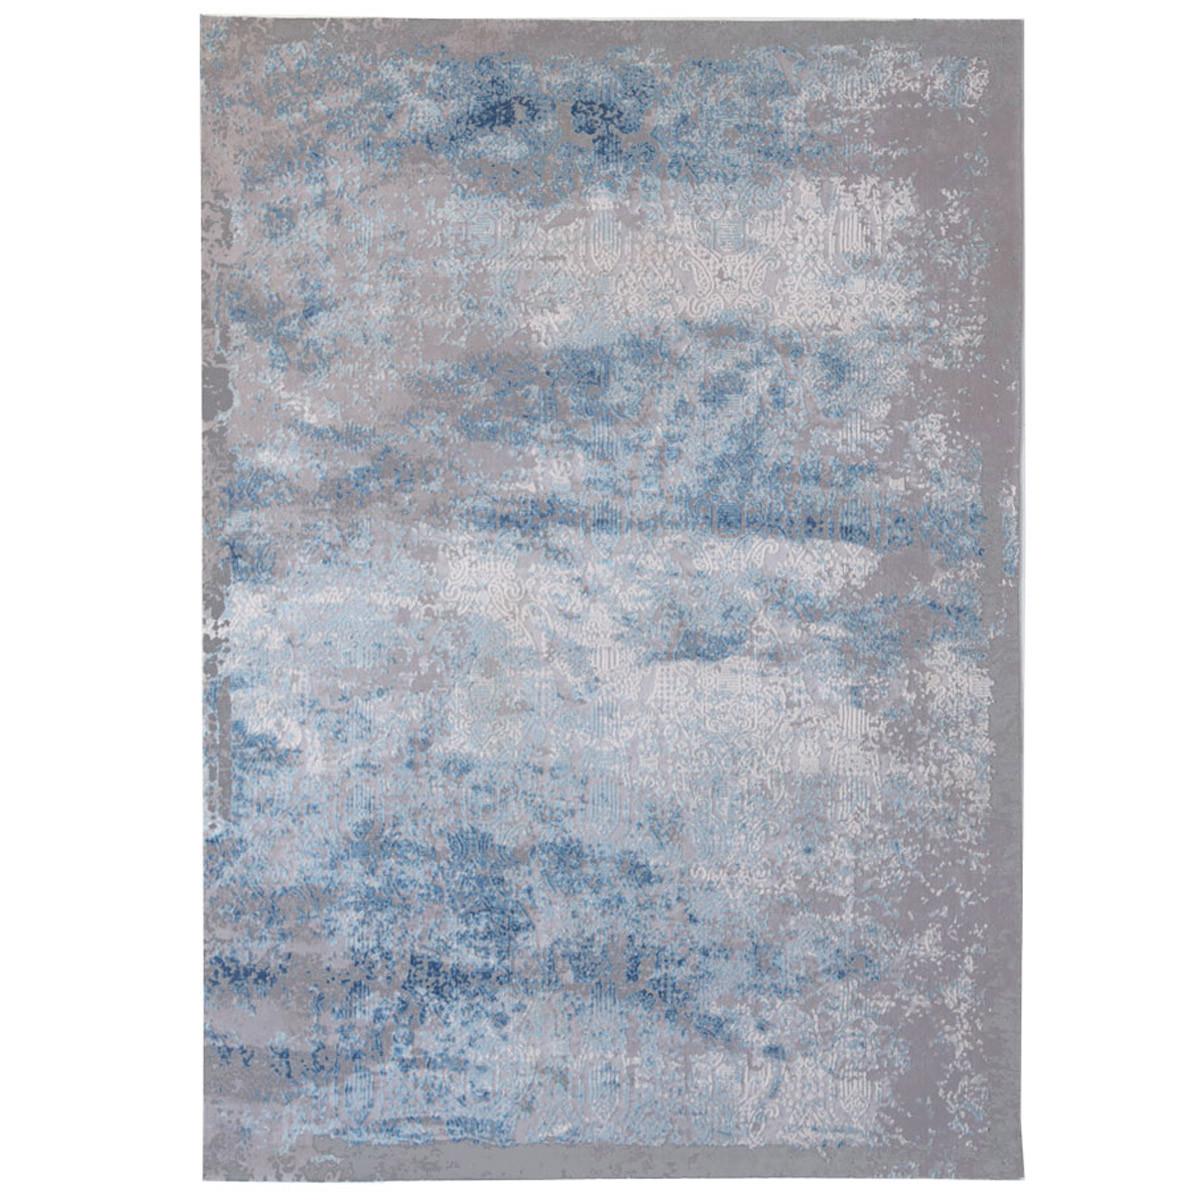 Χαλιά Κρεβατοκάμαρας (Σετ 3τμχ) Royal Carpets Vogue 227 Blue home   χαλιά   χαλιά κρεβατοκάμαρας